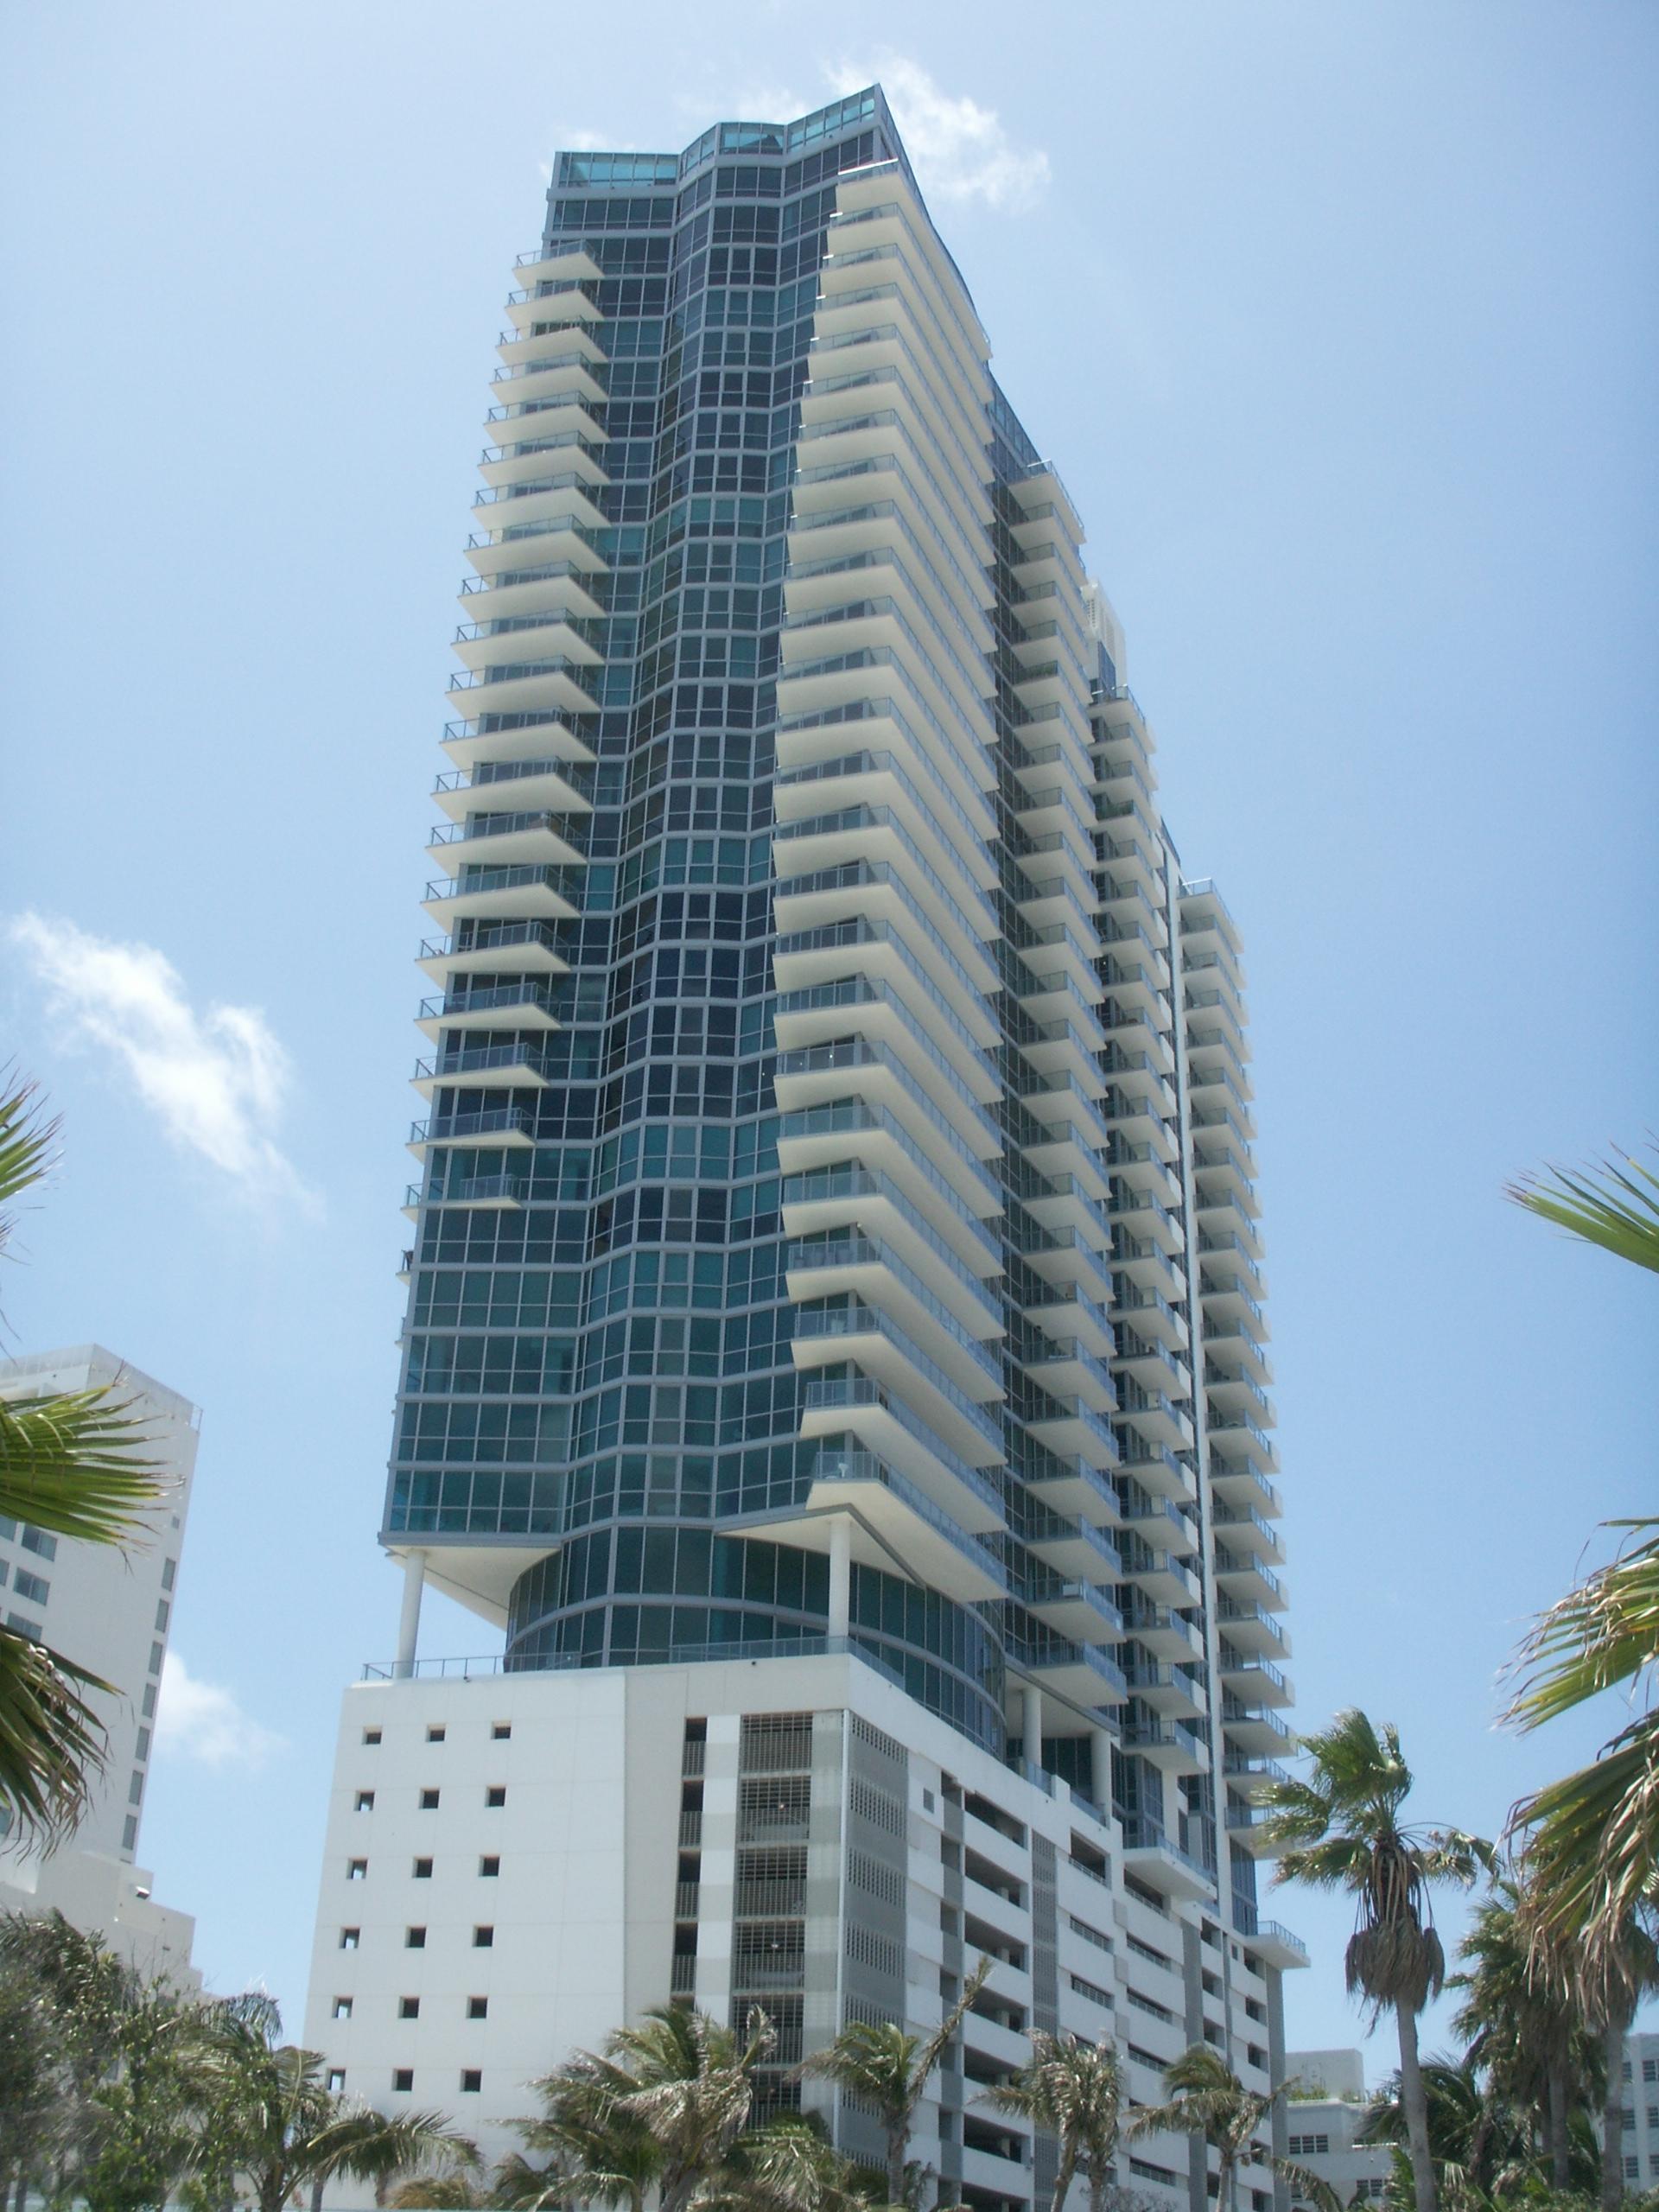 Hotel Setai Miami